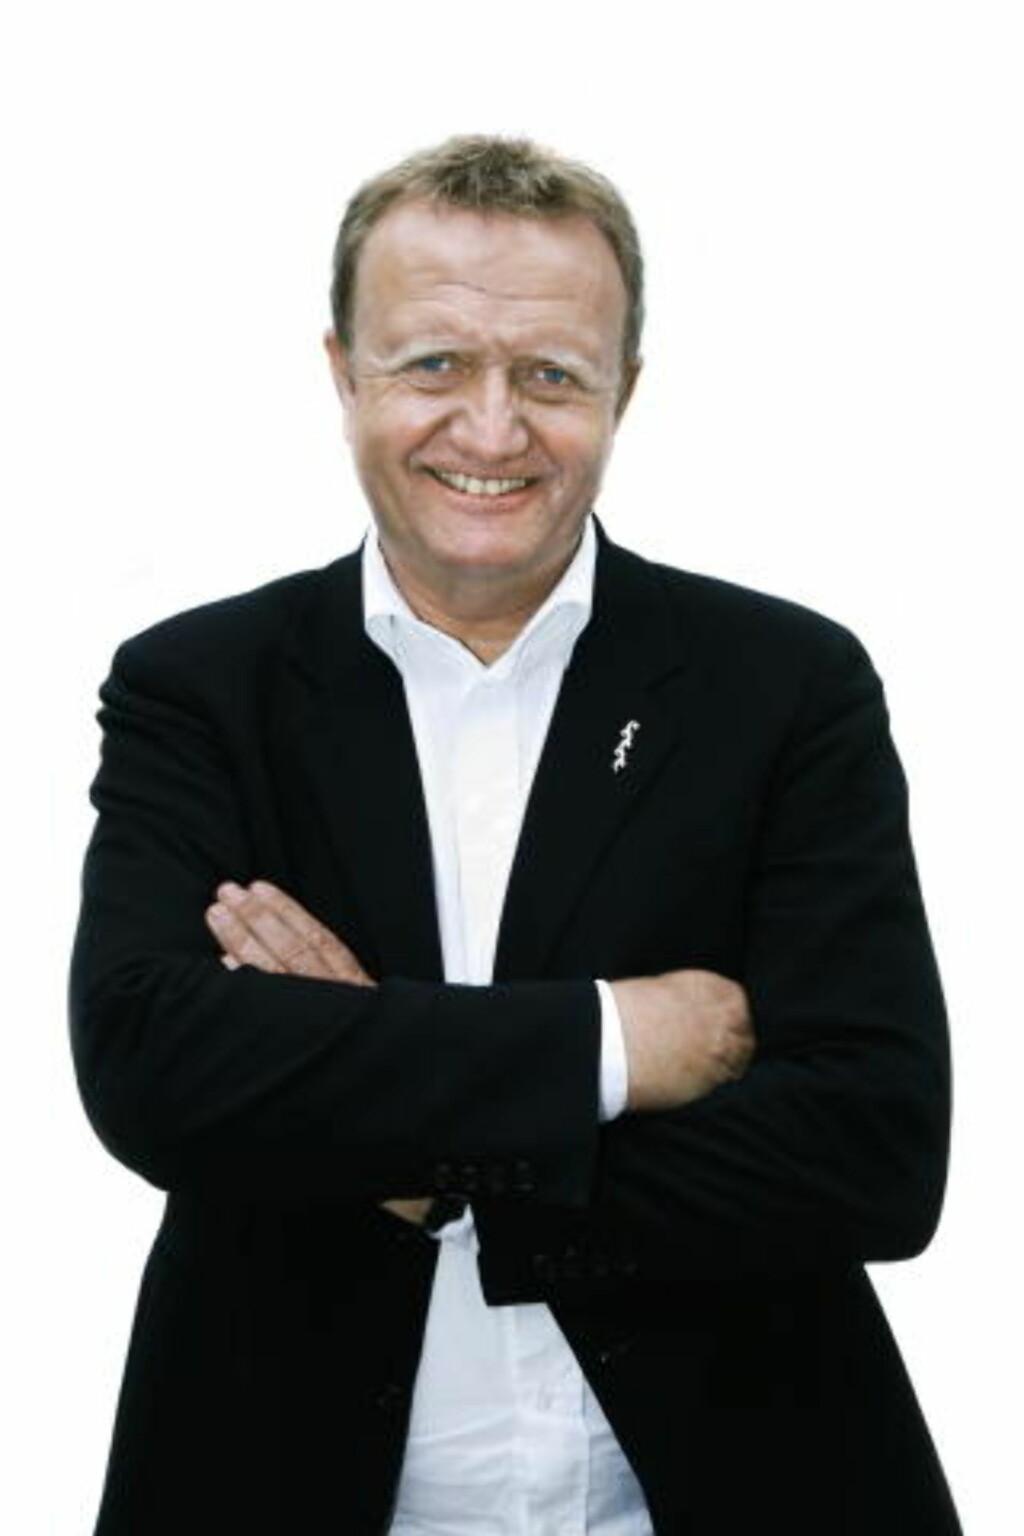 — VEKTA ER ET PROBLEM: Pr-rådgiver Kjell Terje Ringdal mener Høyre taper stemmer på at Erna Solberg er overvektig. Foto: STEINAR BUHOLM/Dagbladet